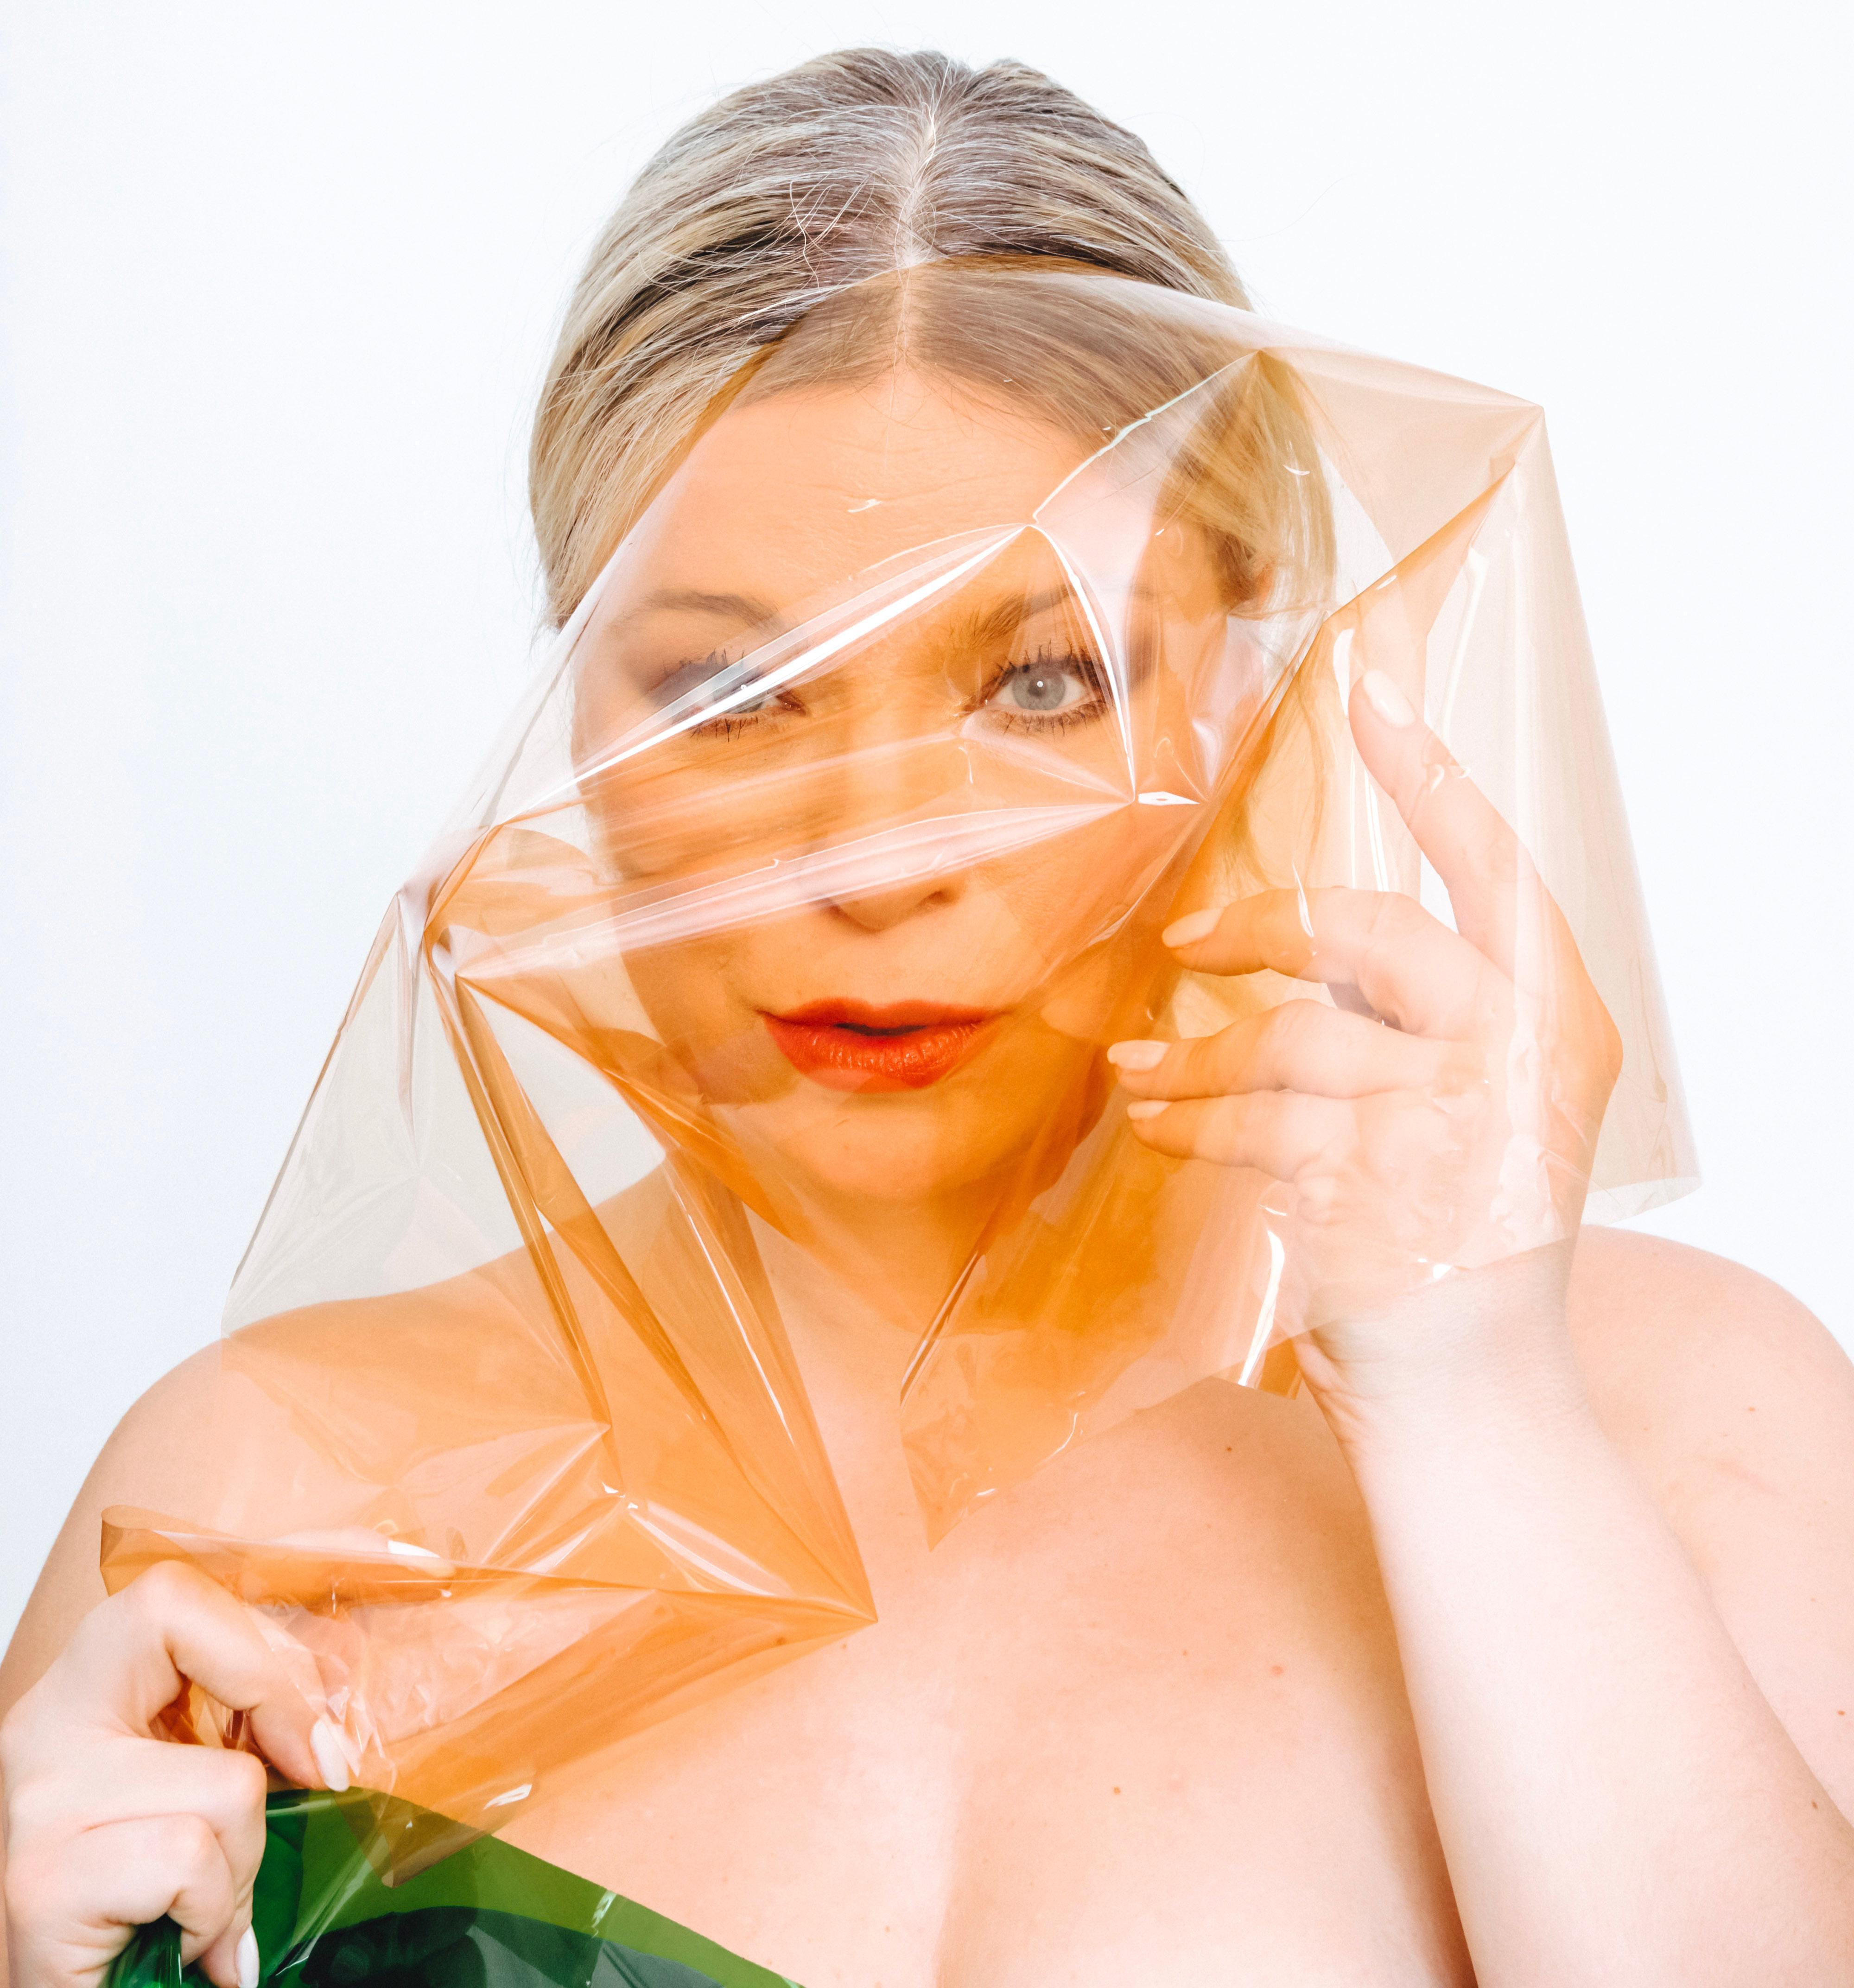 Mikroplastik-Megabambi-Titel-Blogger-Caterina-Pogorzelski-Beauty-Blog